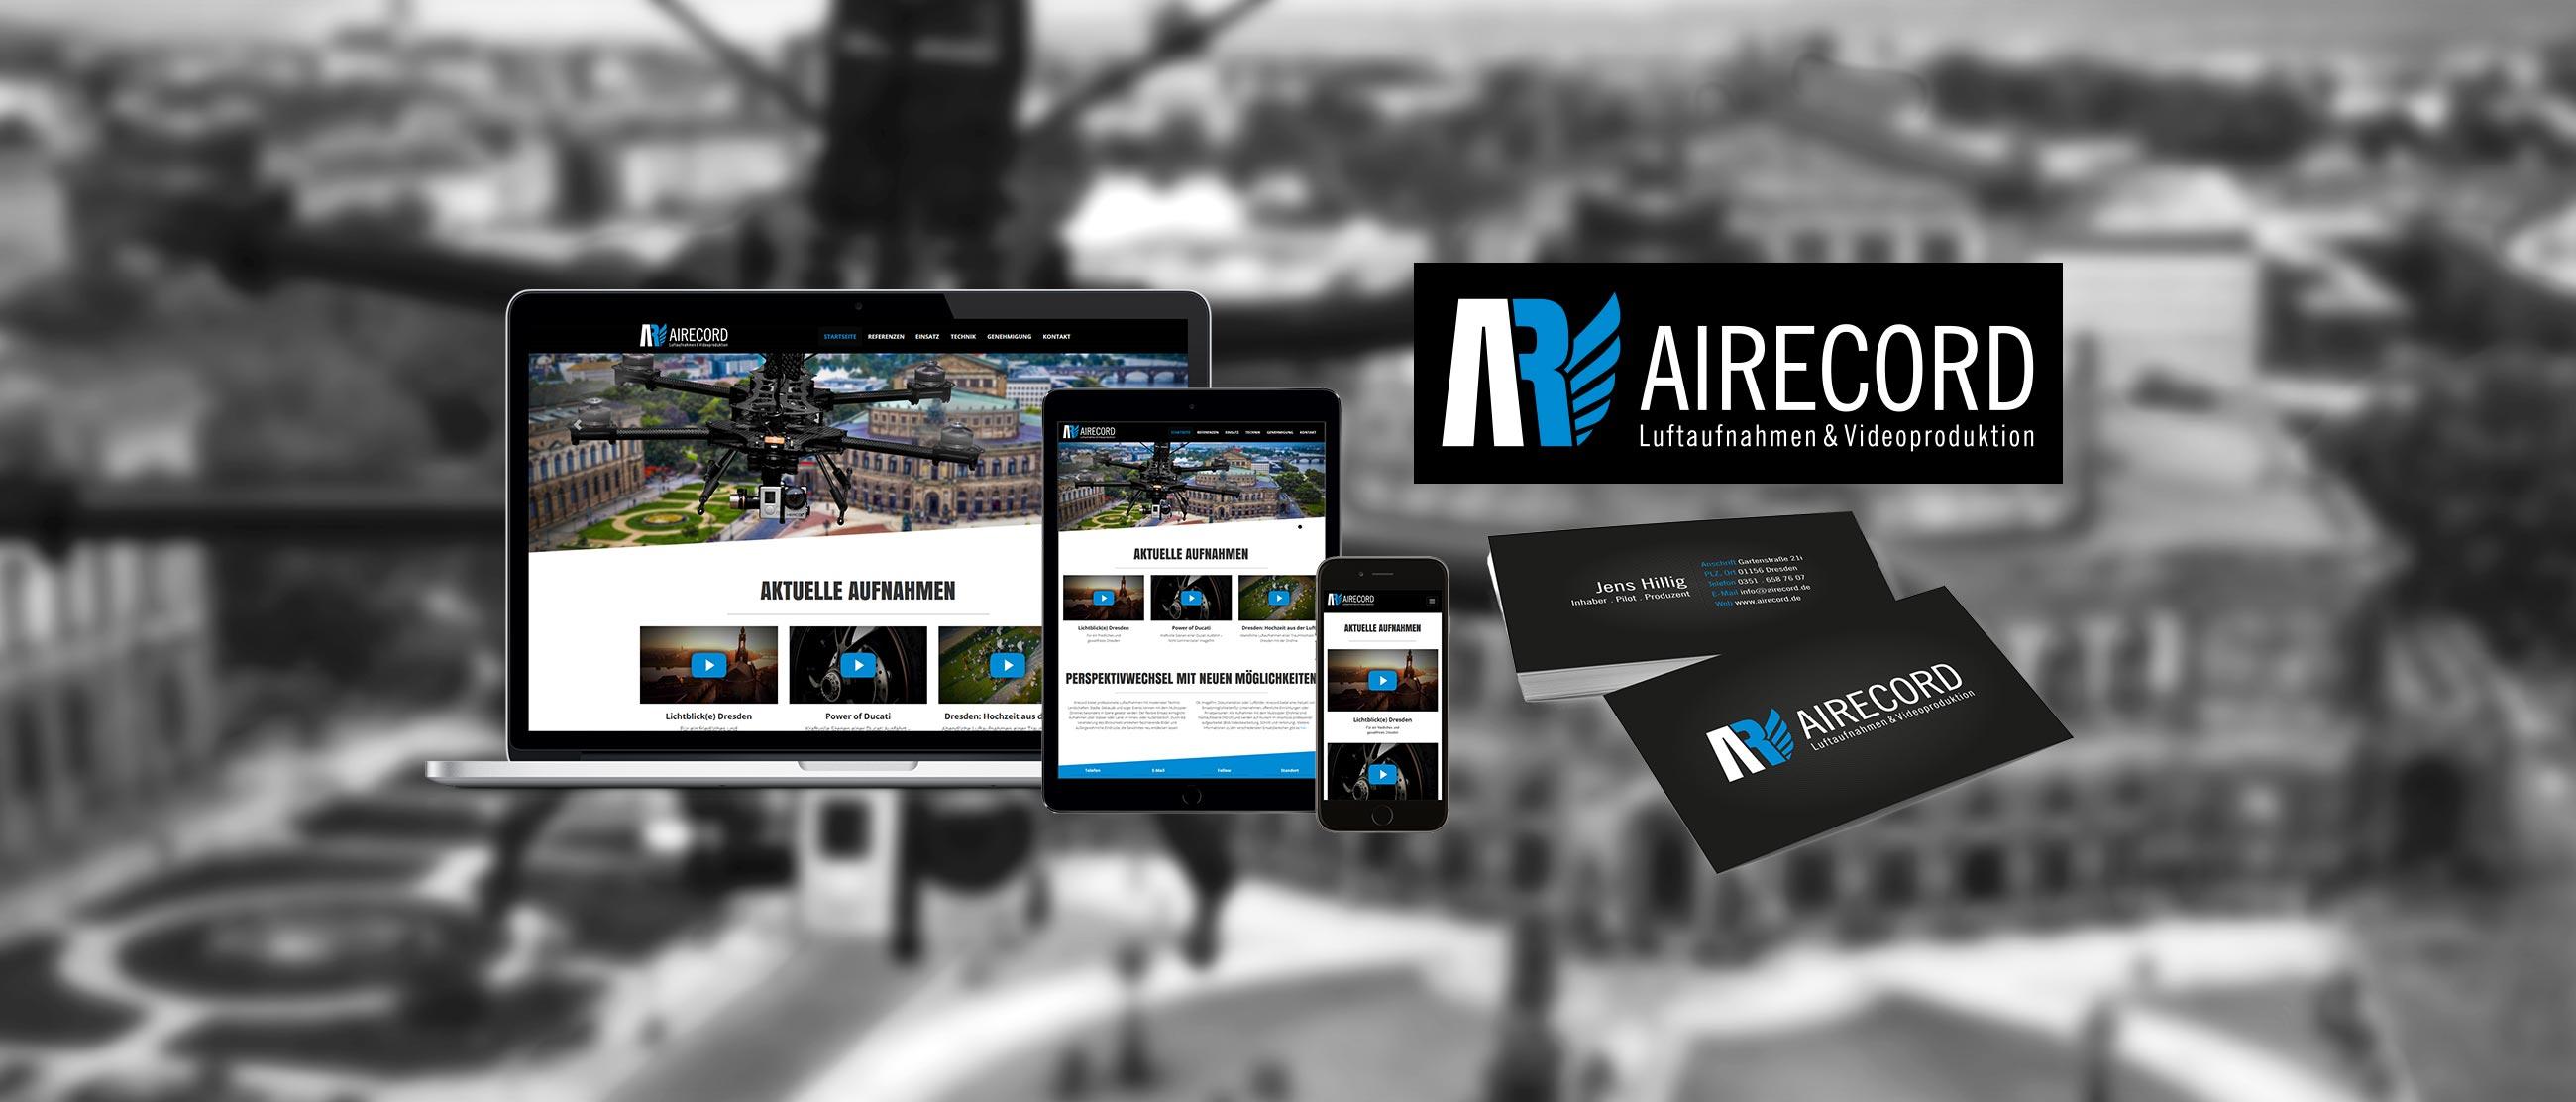 AIRECORD – Luftaufnahmen & Videoproduktion: Erstellung eines Corporate Designs (Logo, Website, Visitenkarten)